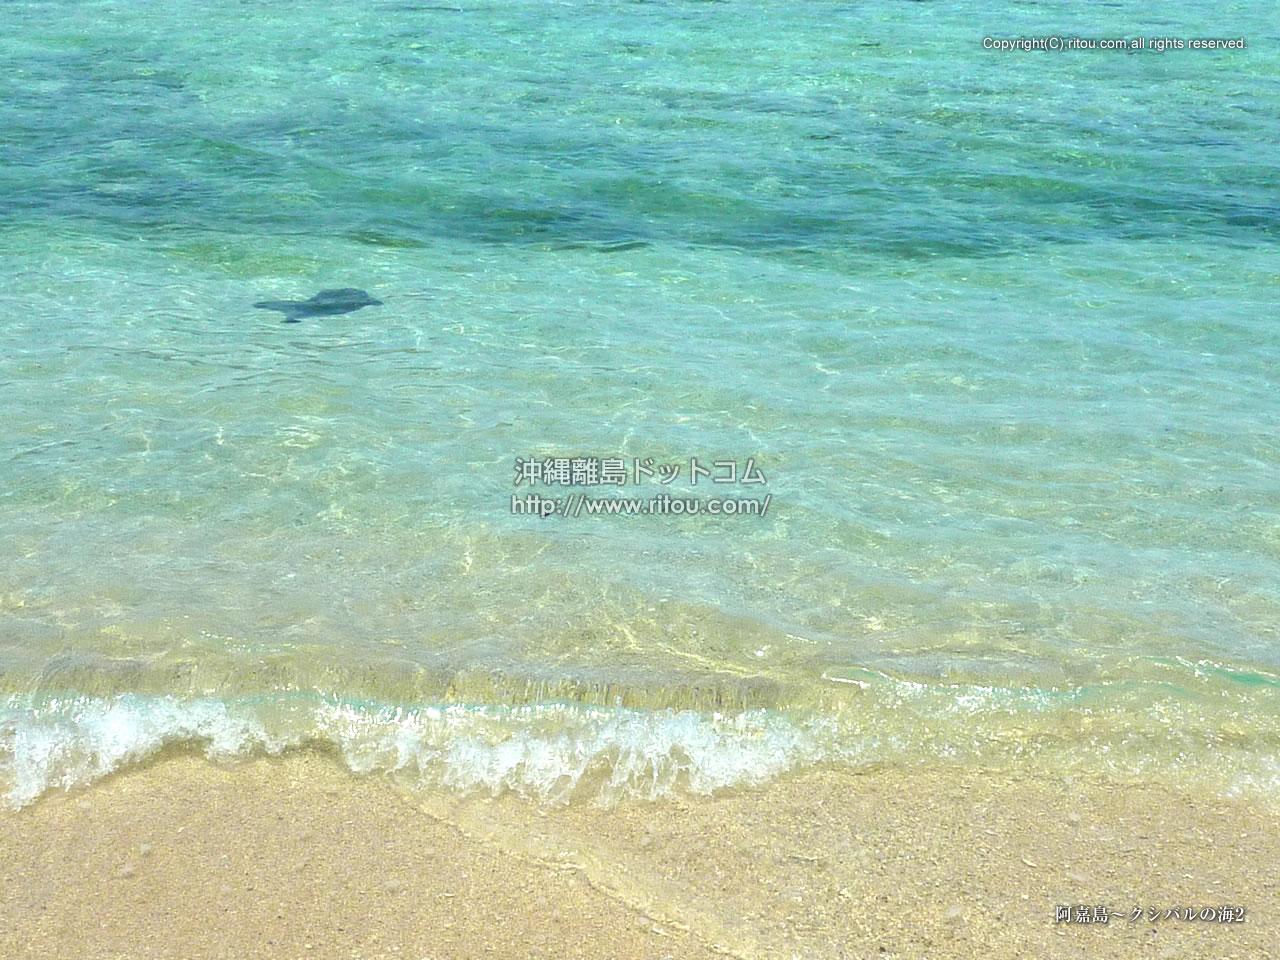 阿嘉島〜クシバルの海2